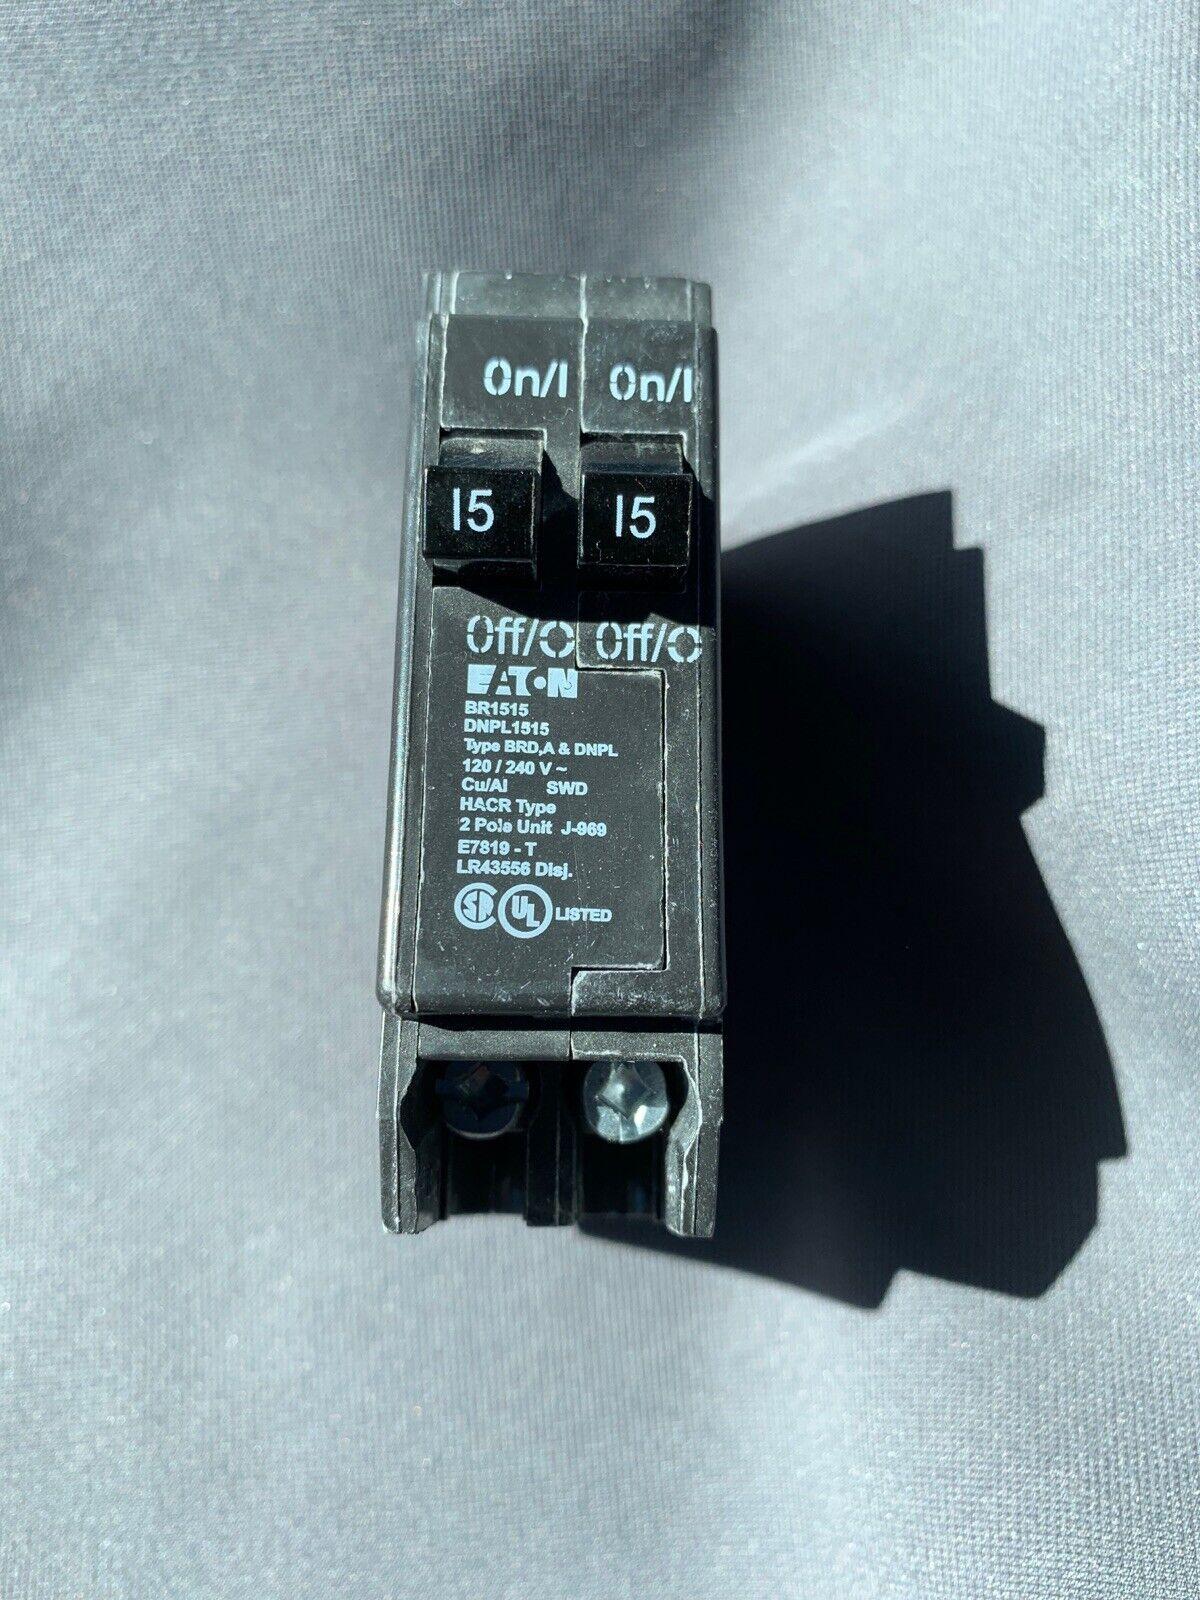 NEW EATON CUTLER HAMMER BR1515 2P 15//15A BR1515 TYPE BRD /& A /& DNPL